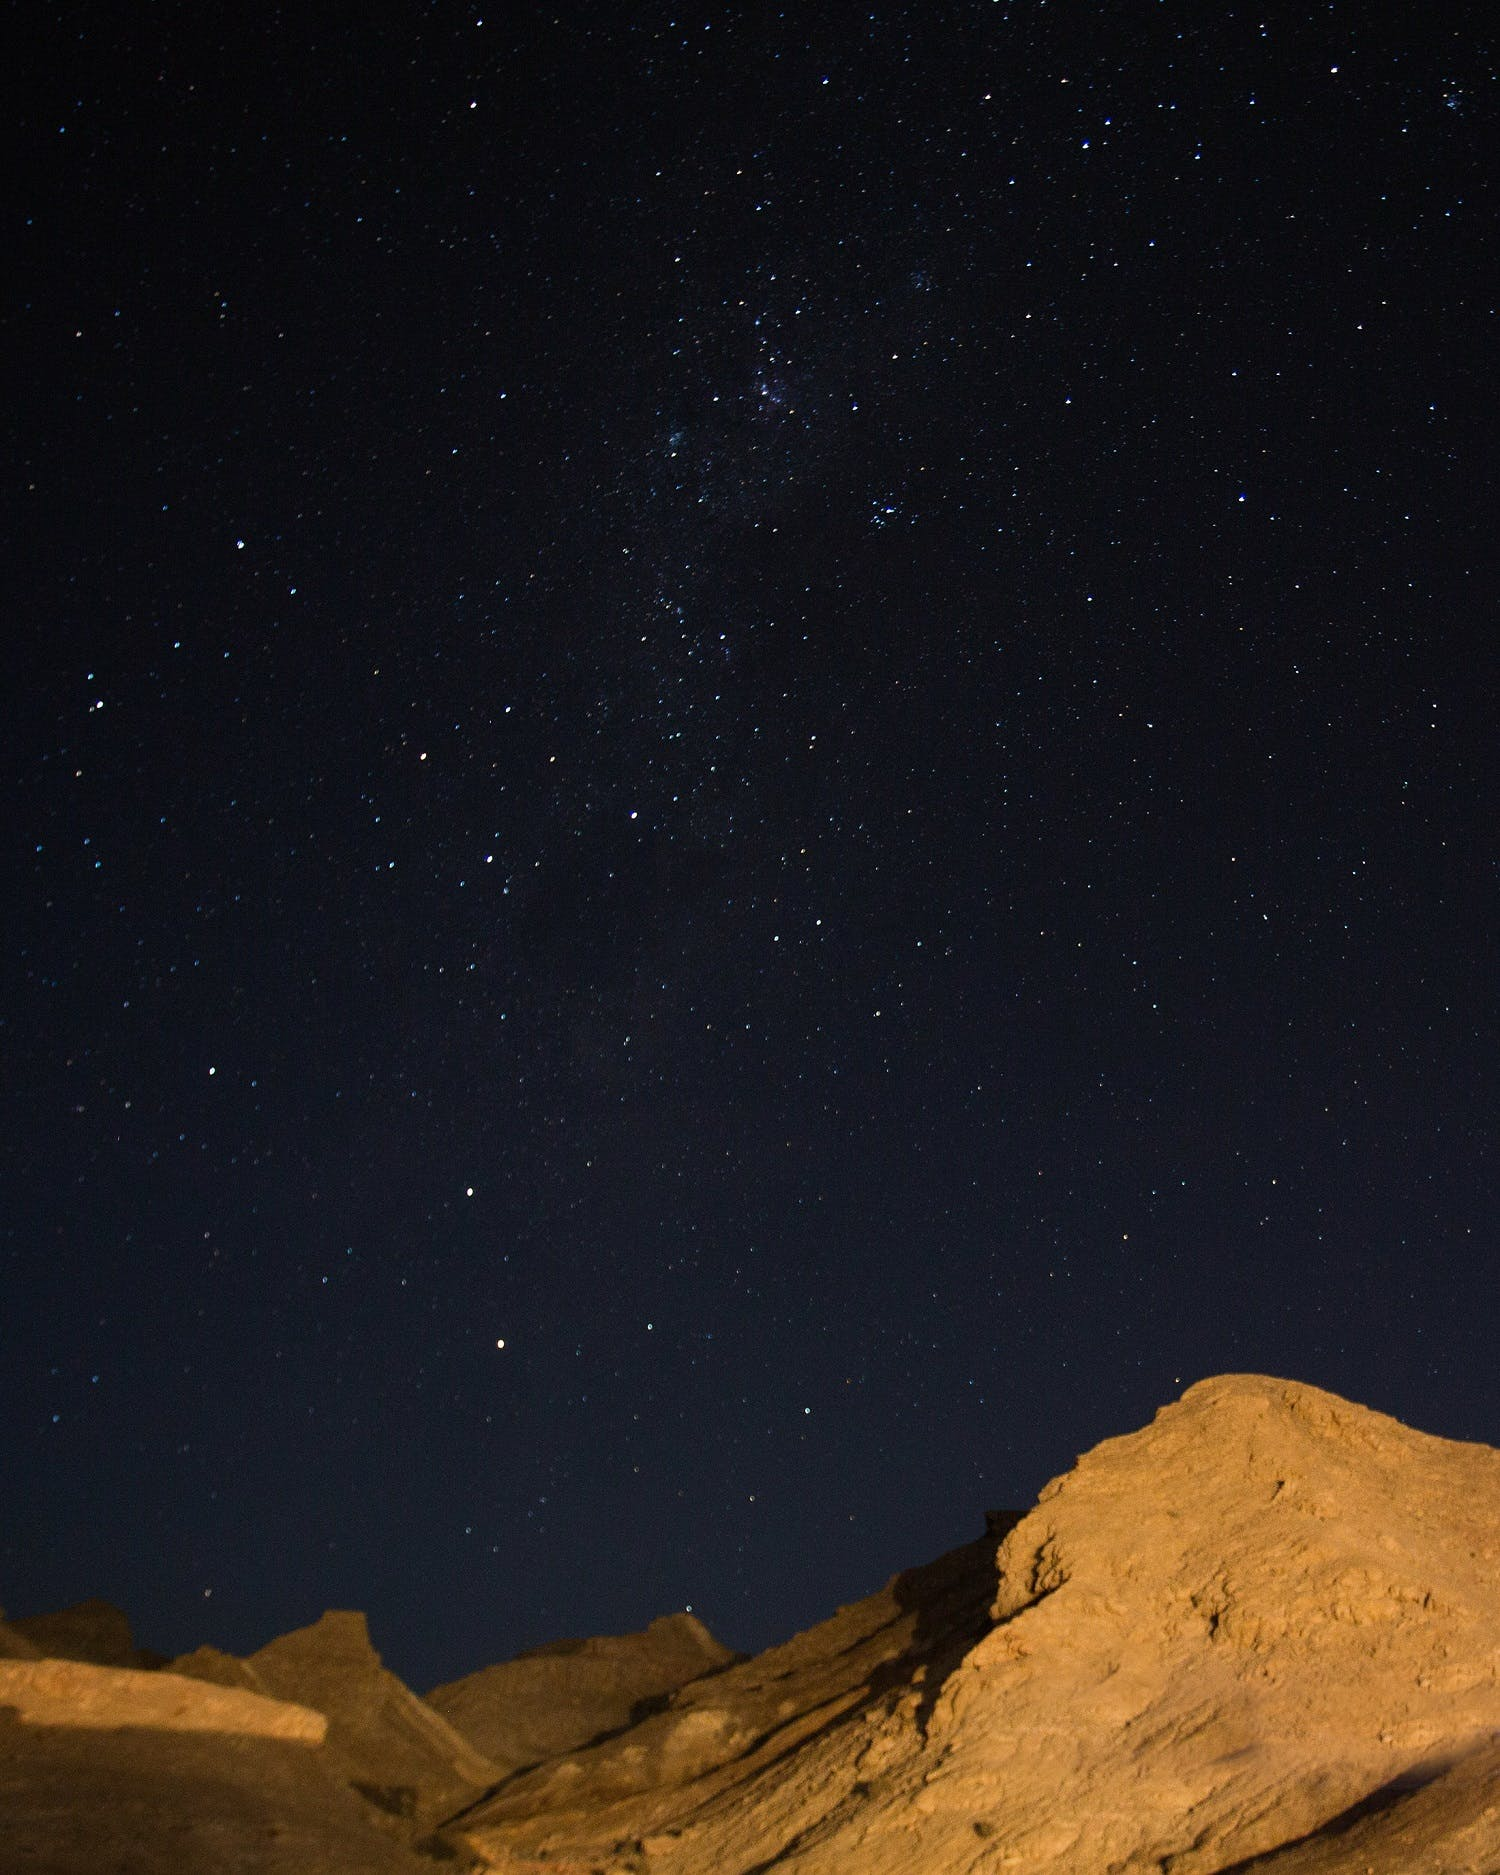 travel hobby ideas - stargazing